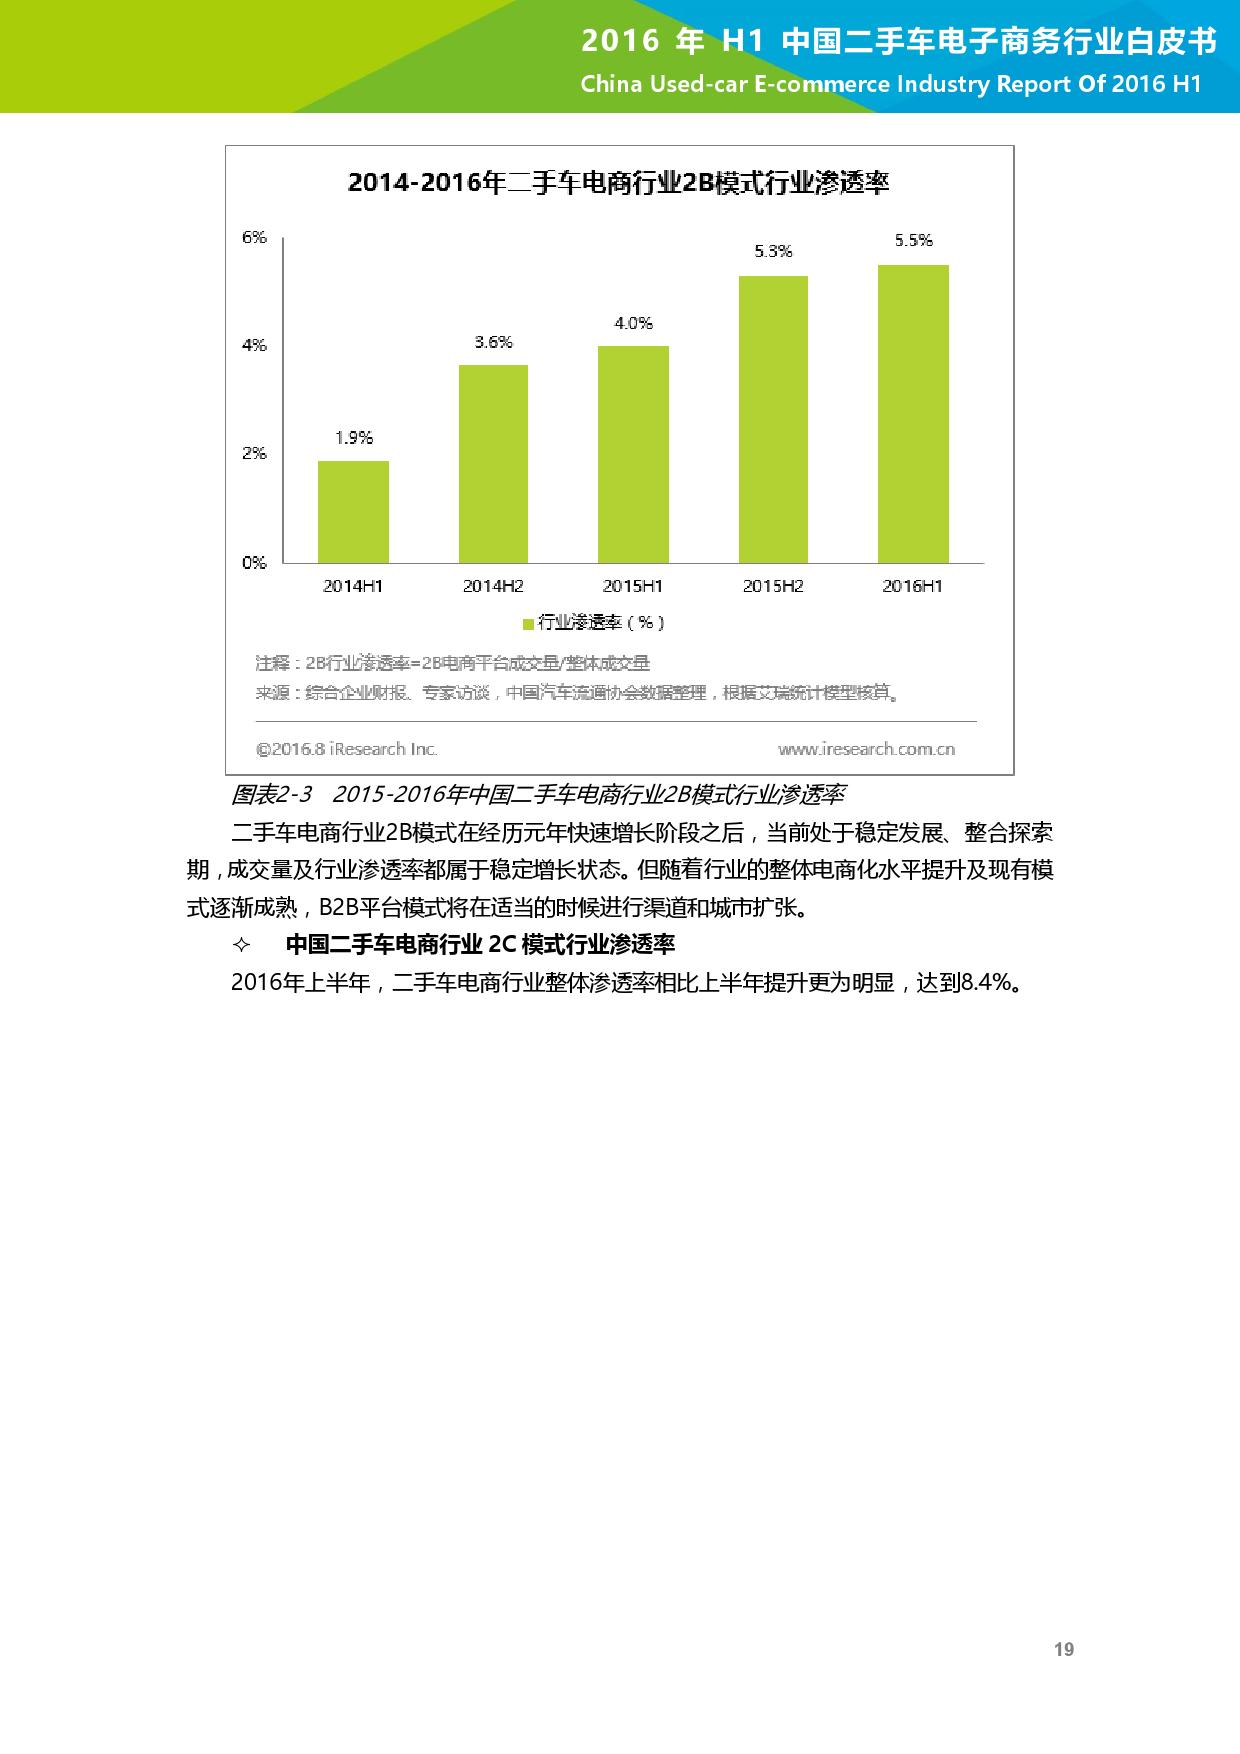 2016年H1中国二手车电子商务行业白皮书_000020